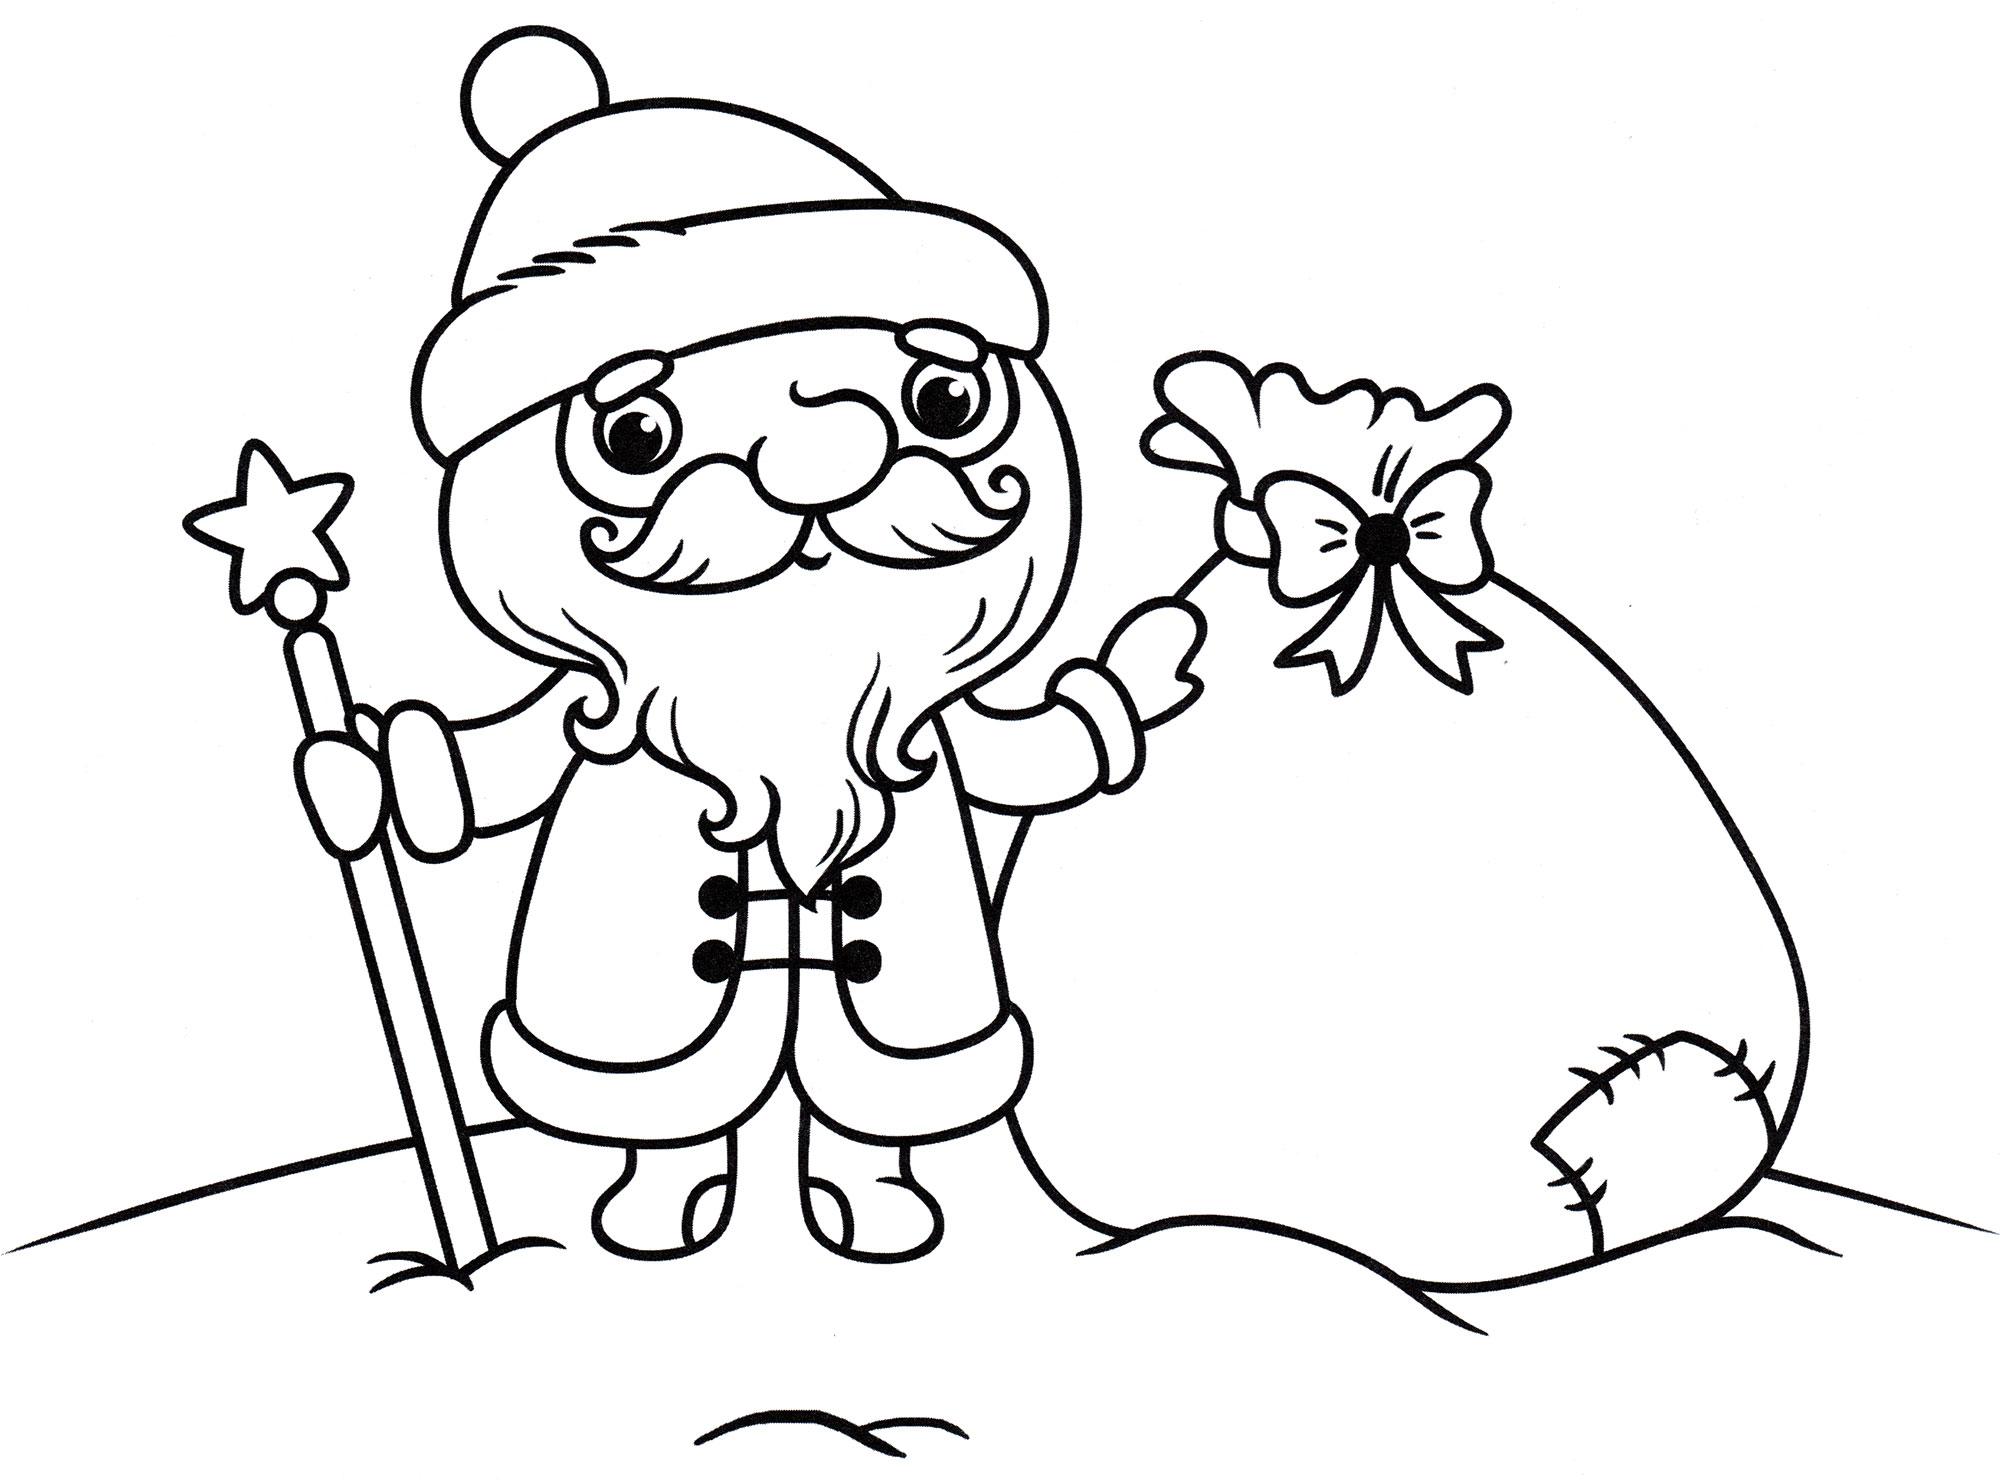 Раскраска Дед мороз и мешок подарков - распечатать бесплатно